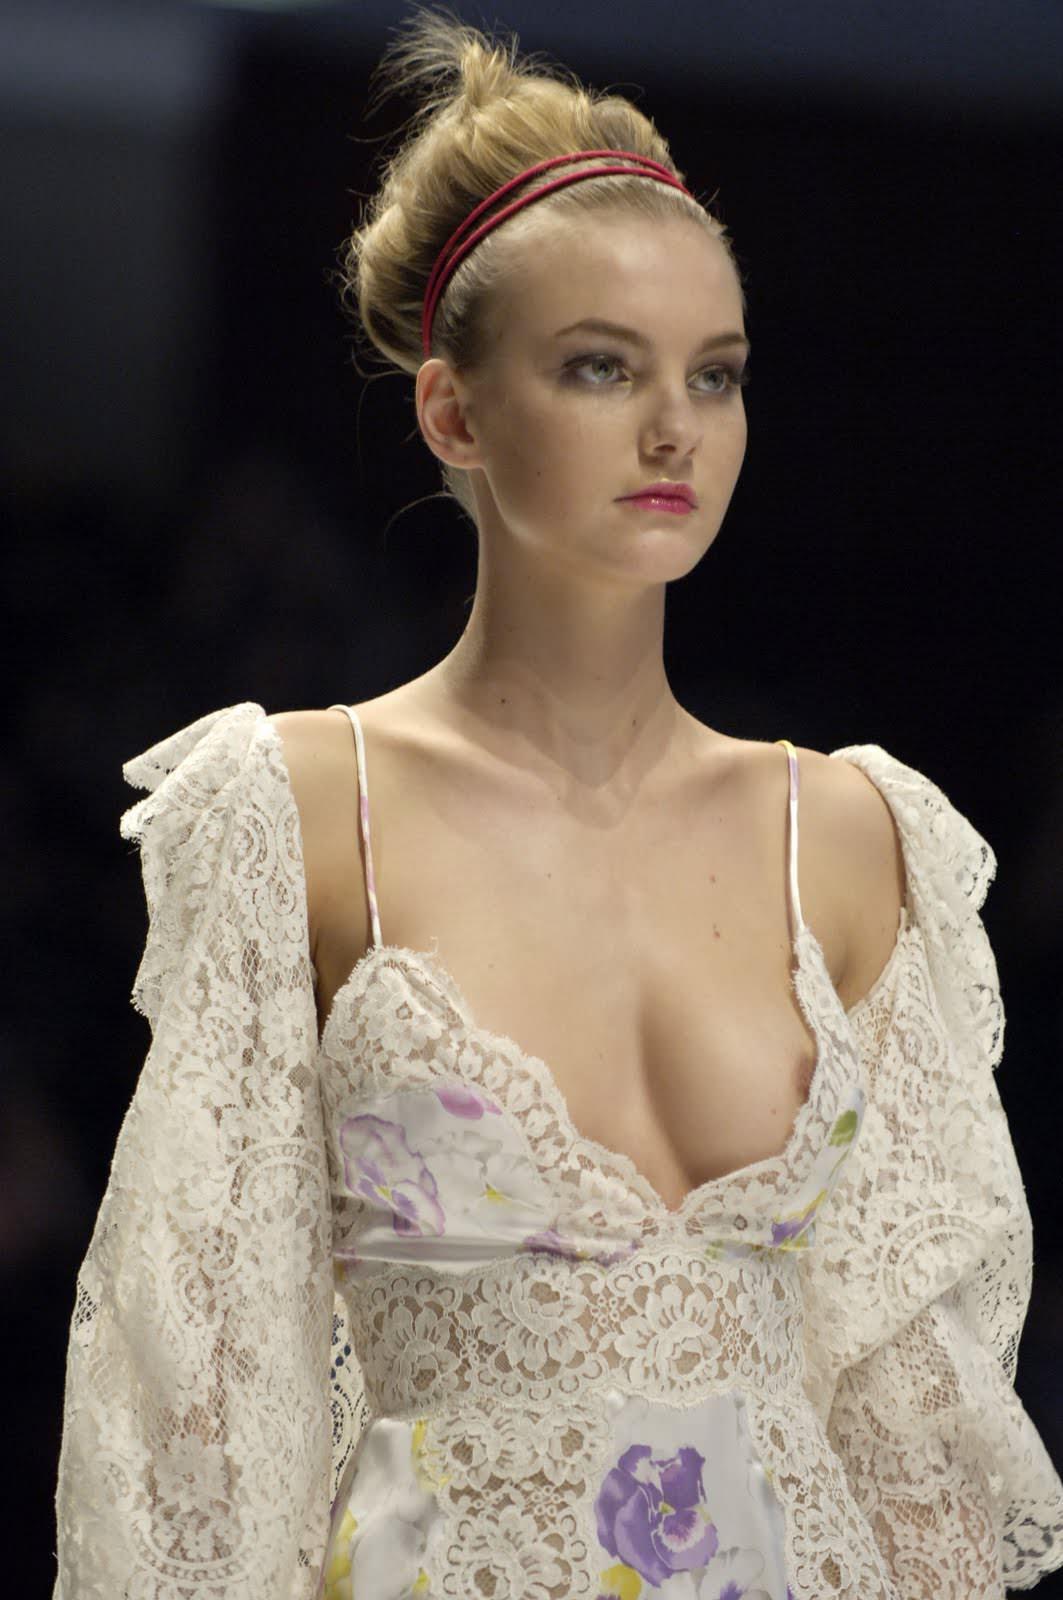 【外人】スーパーモデルがファッションショーで美乳首見せちゃってるおっぱいポルノ画像 854